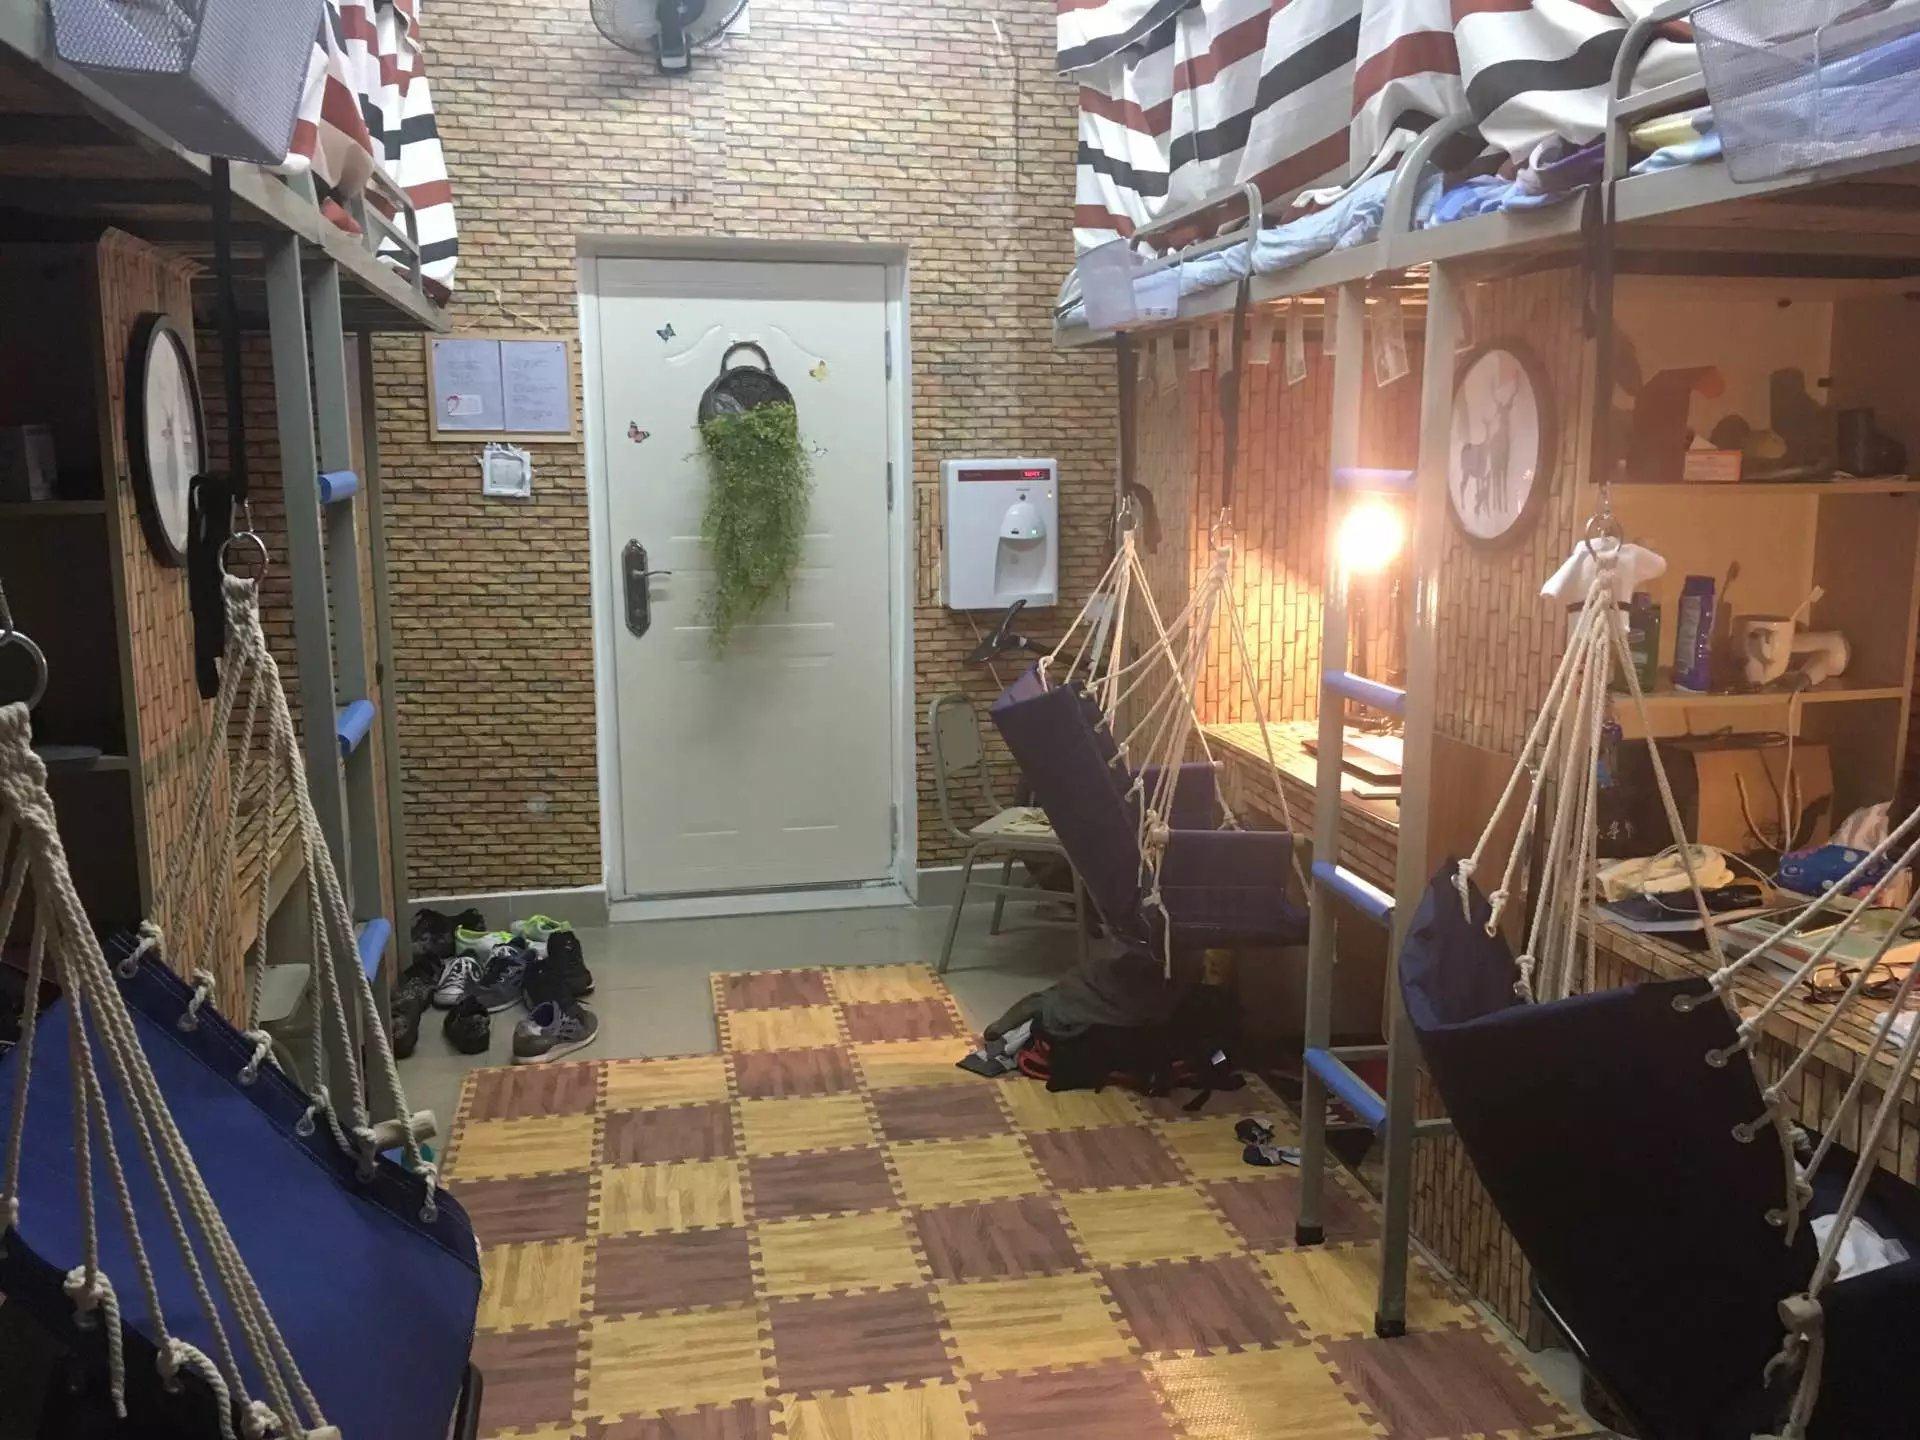 锦城多面体人居环境工作室寝室装修